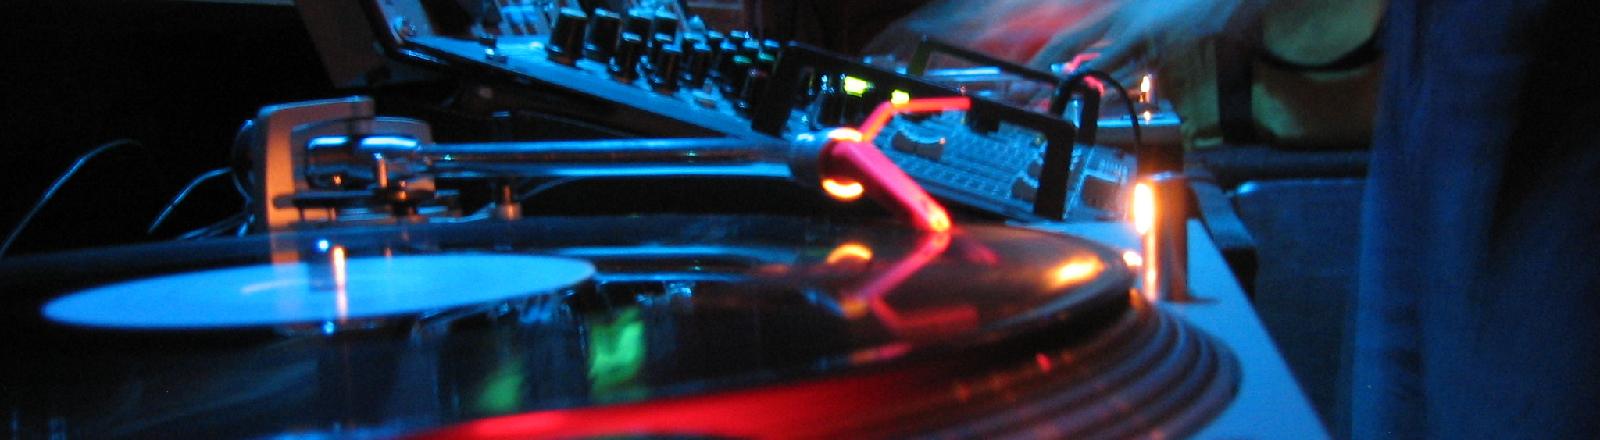 Ein DJ Pult